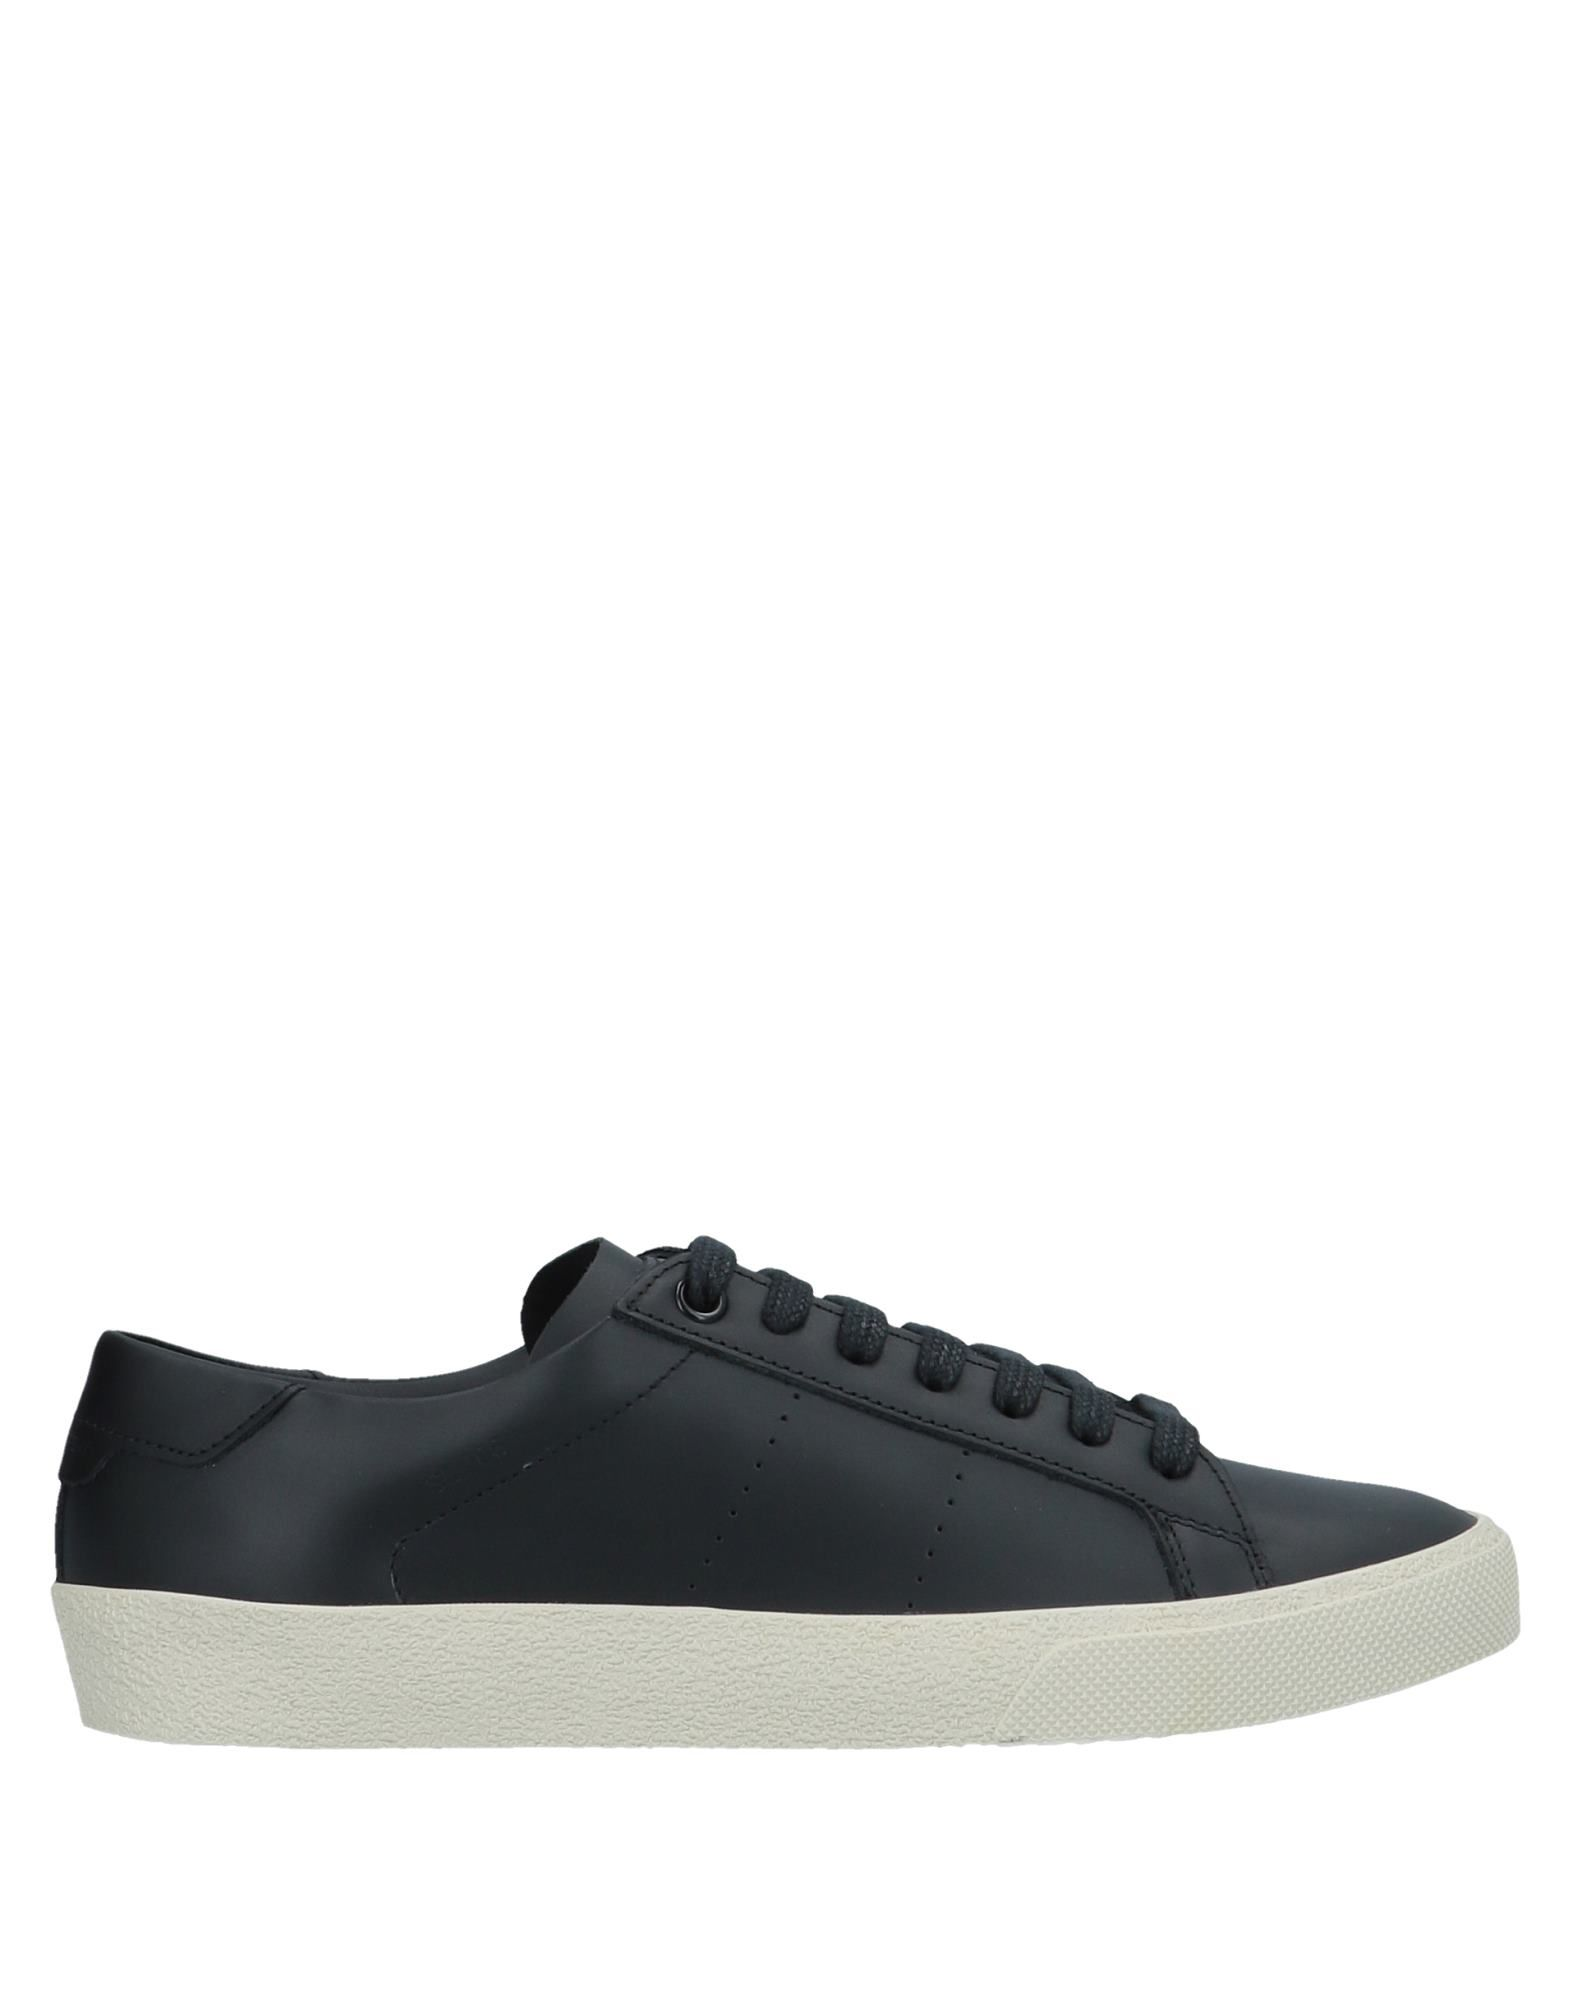 Rabatt Schuhe Saint Laurent Sneakers Damen  11537977FF